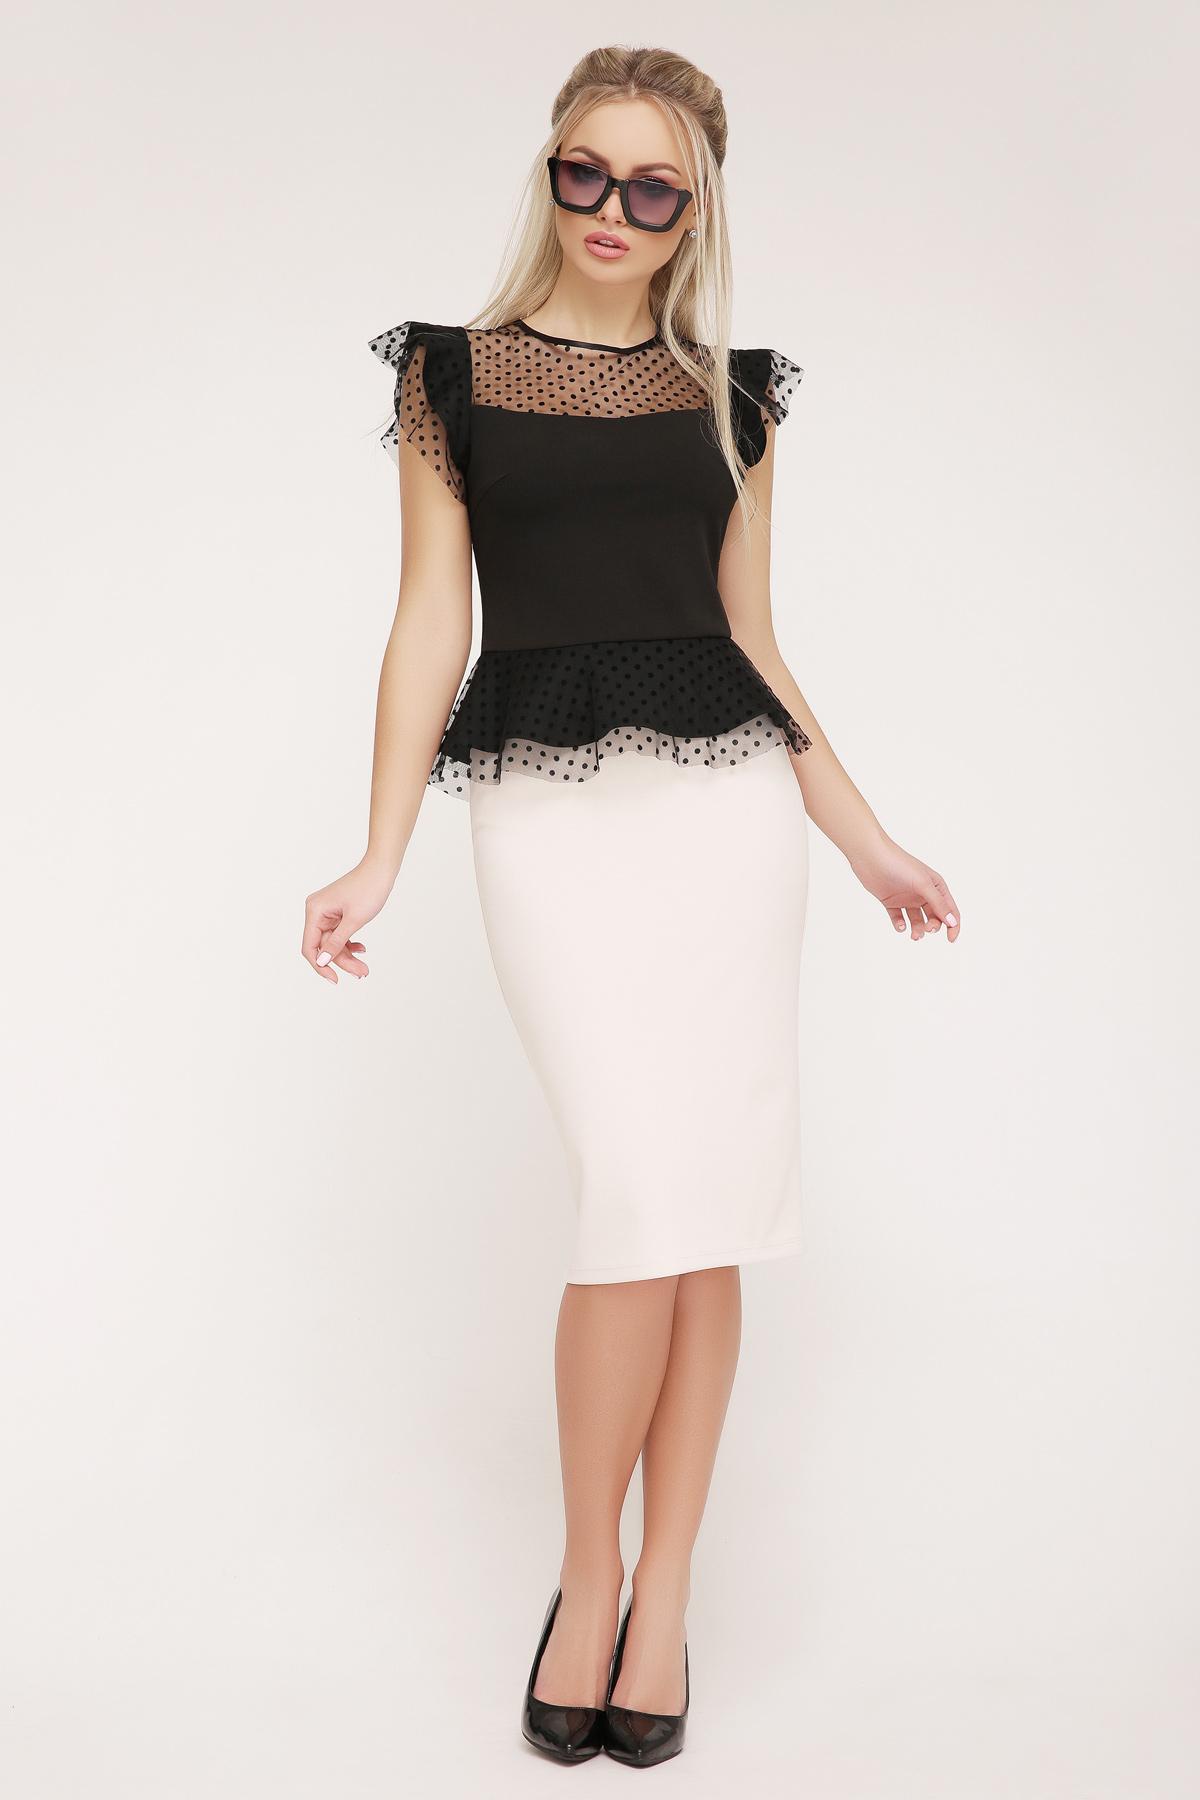 138f5bd4cb6 черная блузка с баской. блуза Лайза б р. Цвет  черный